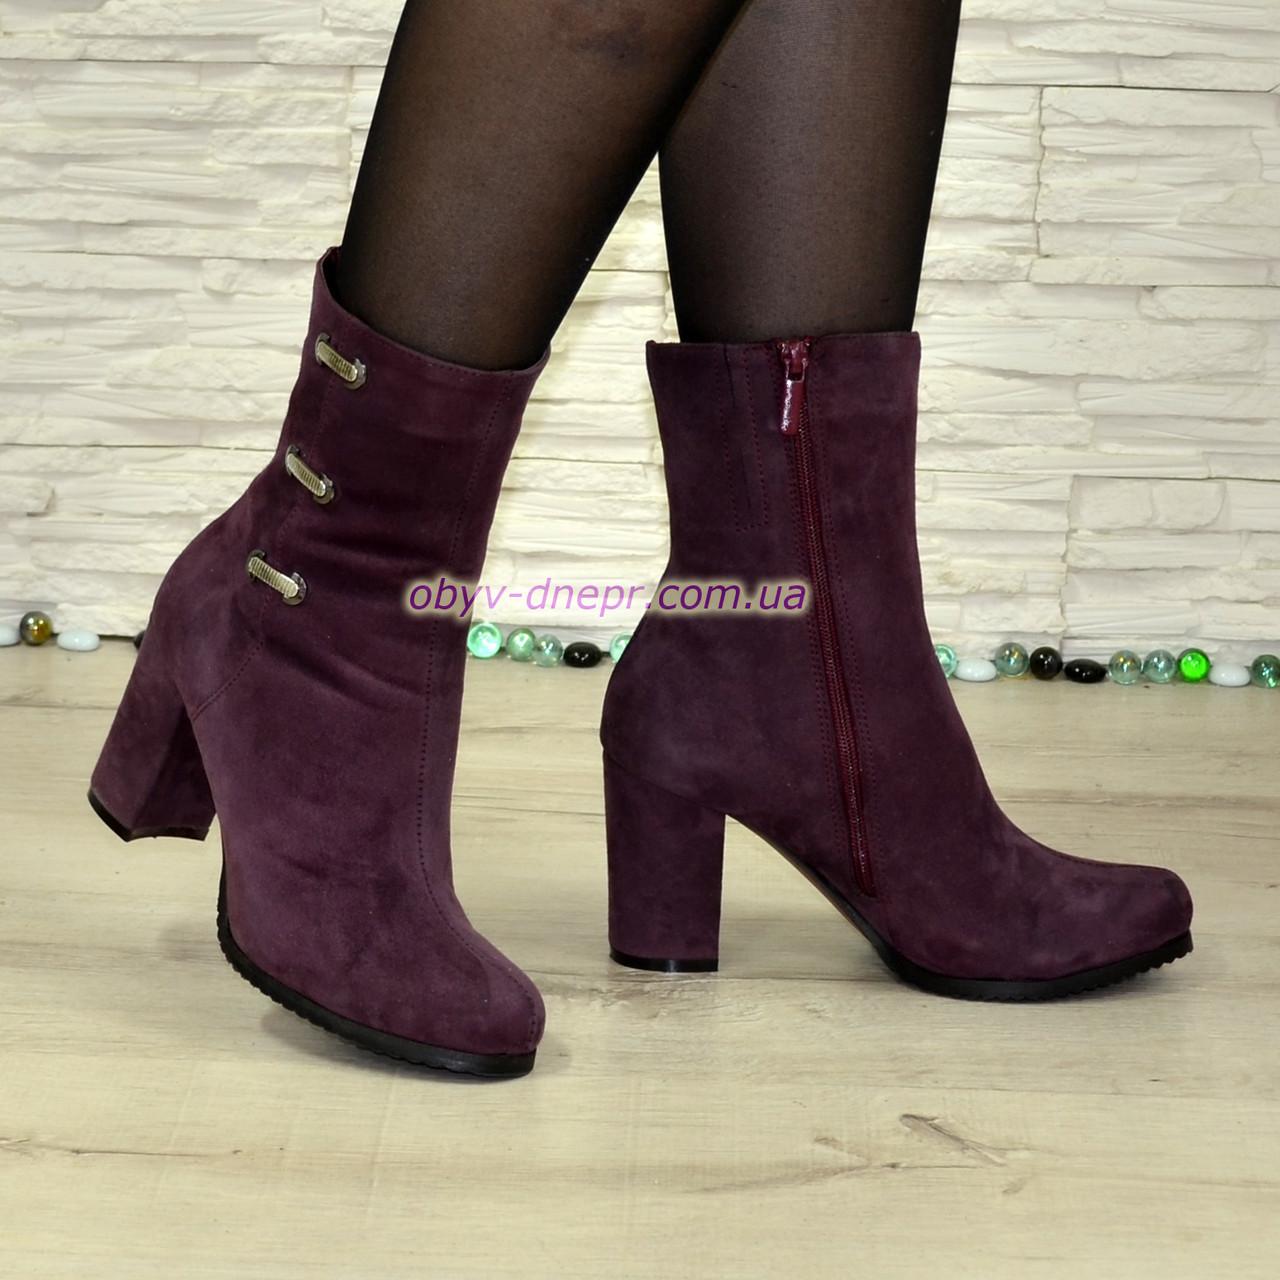 2d721b0fffa5 Ботинки зимние замшевые на высоком устойчивом каблуке, цвет фиолетовый:  продажа, ...